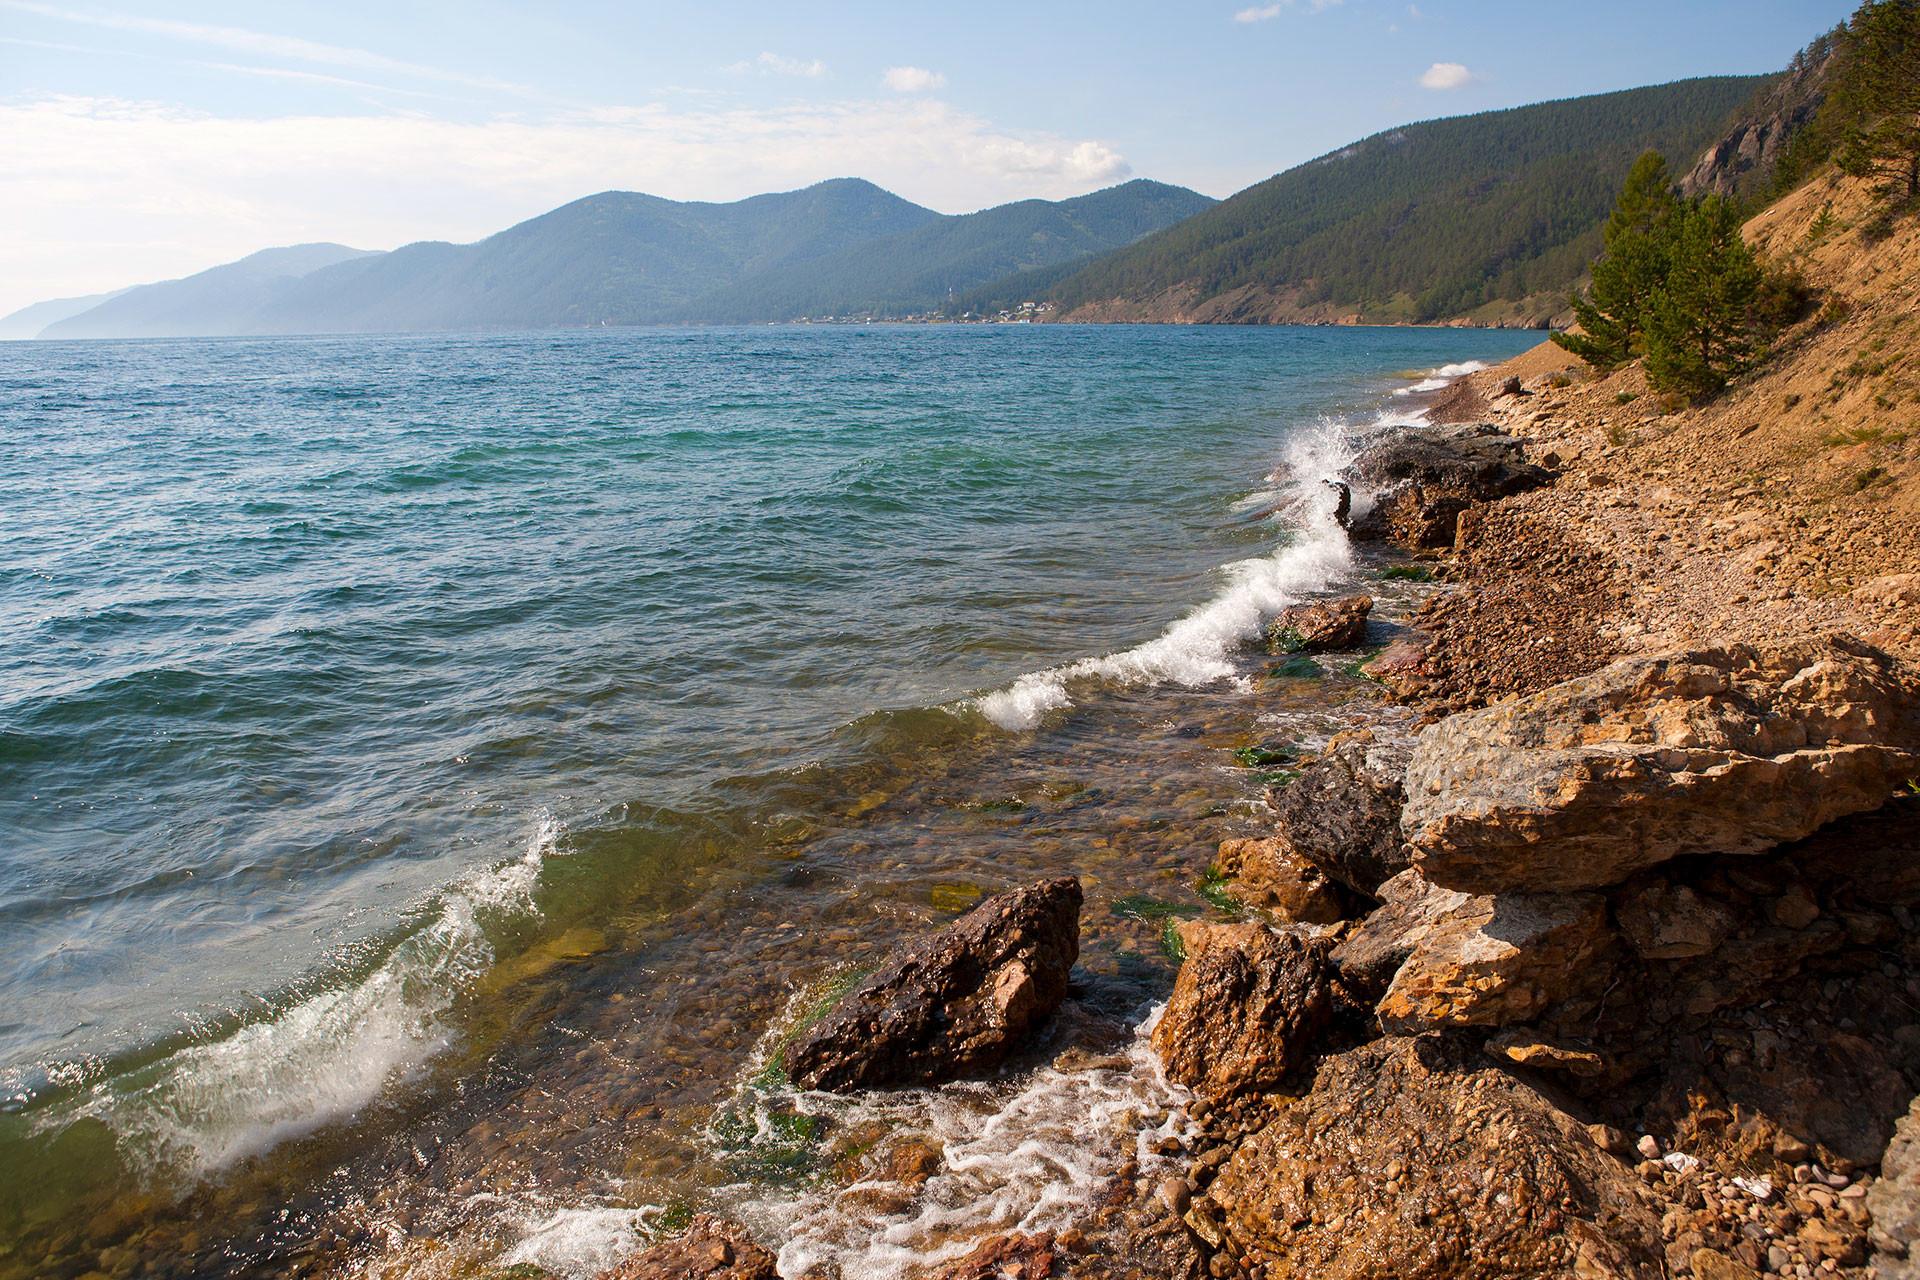 Над 75 % от растителните и животинските видове в региона Байкал са ендемични, което означава, че не се срещат никъде другаде на планетата.